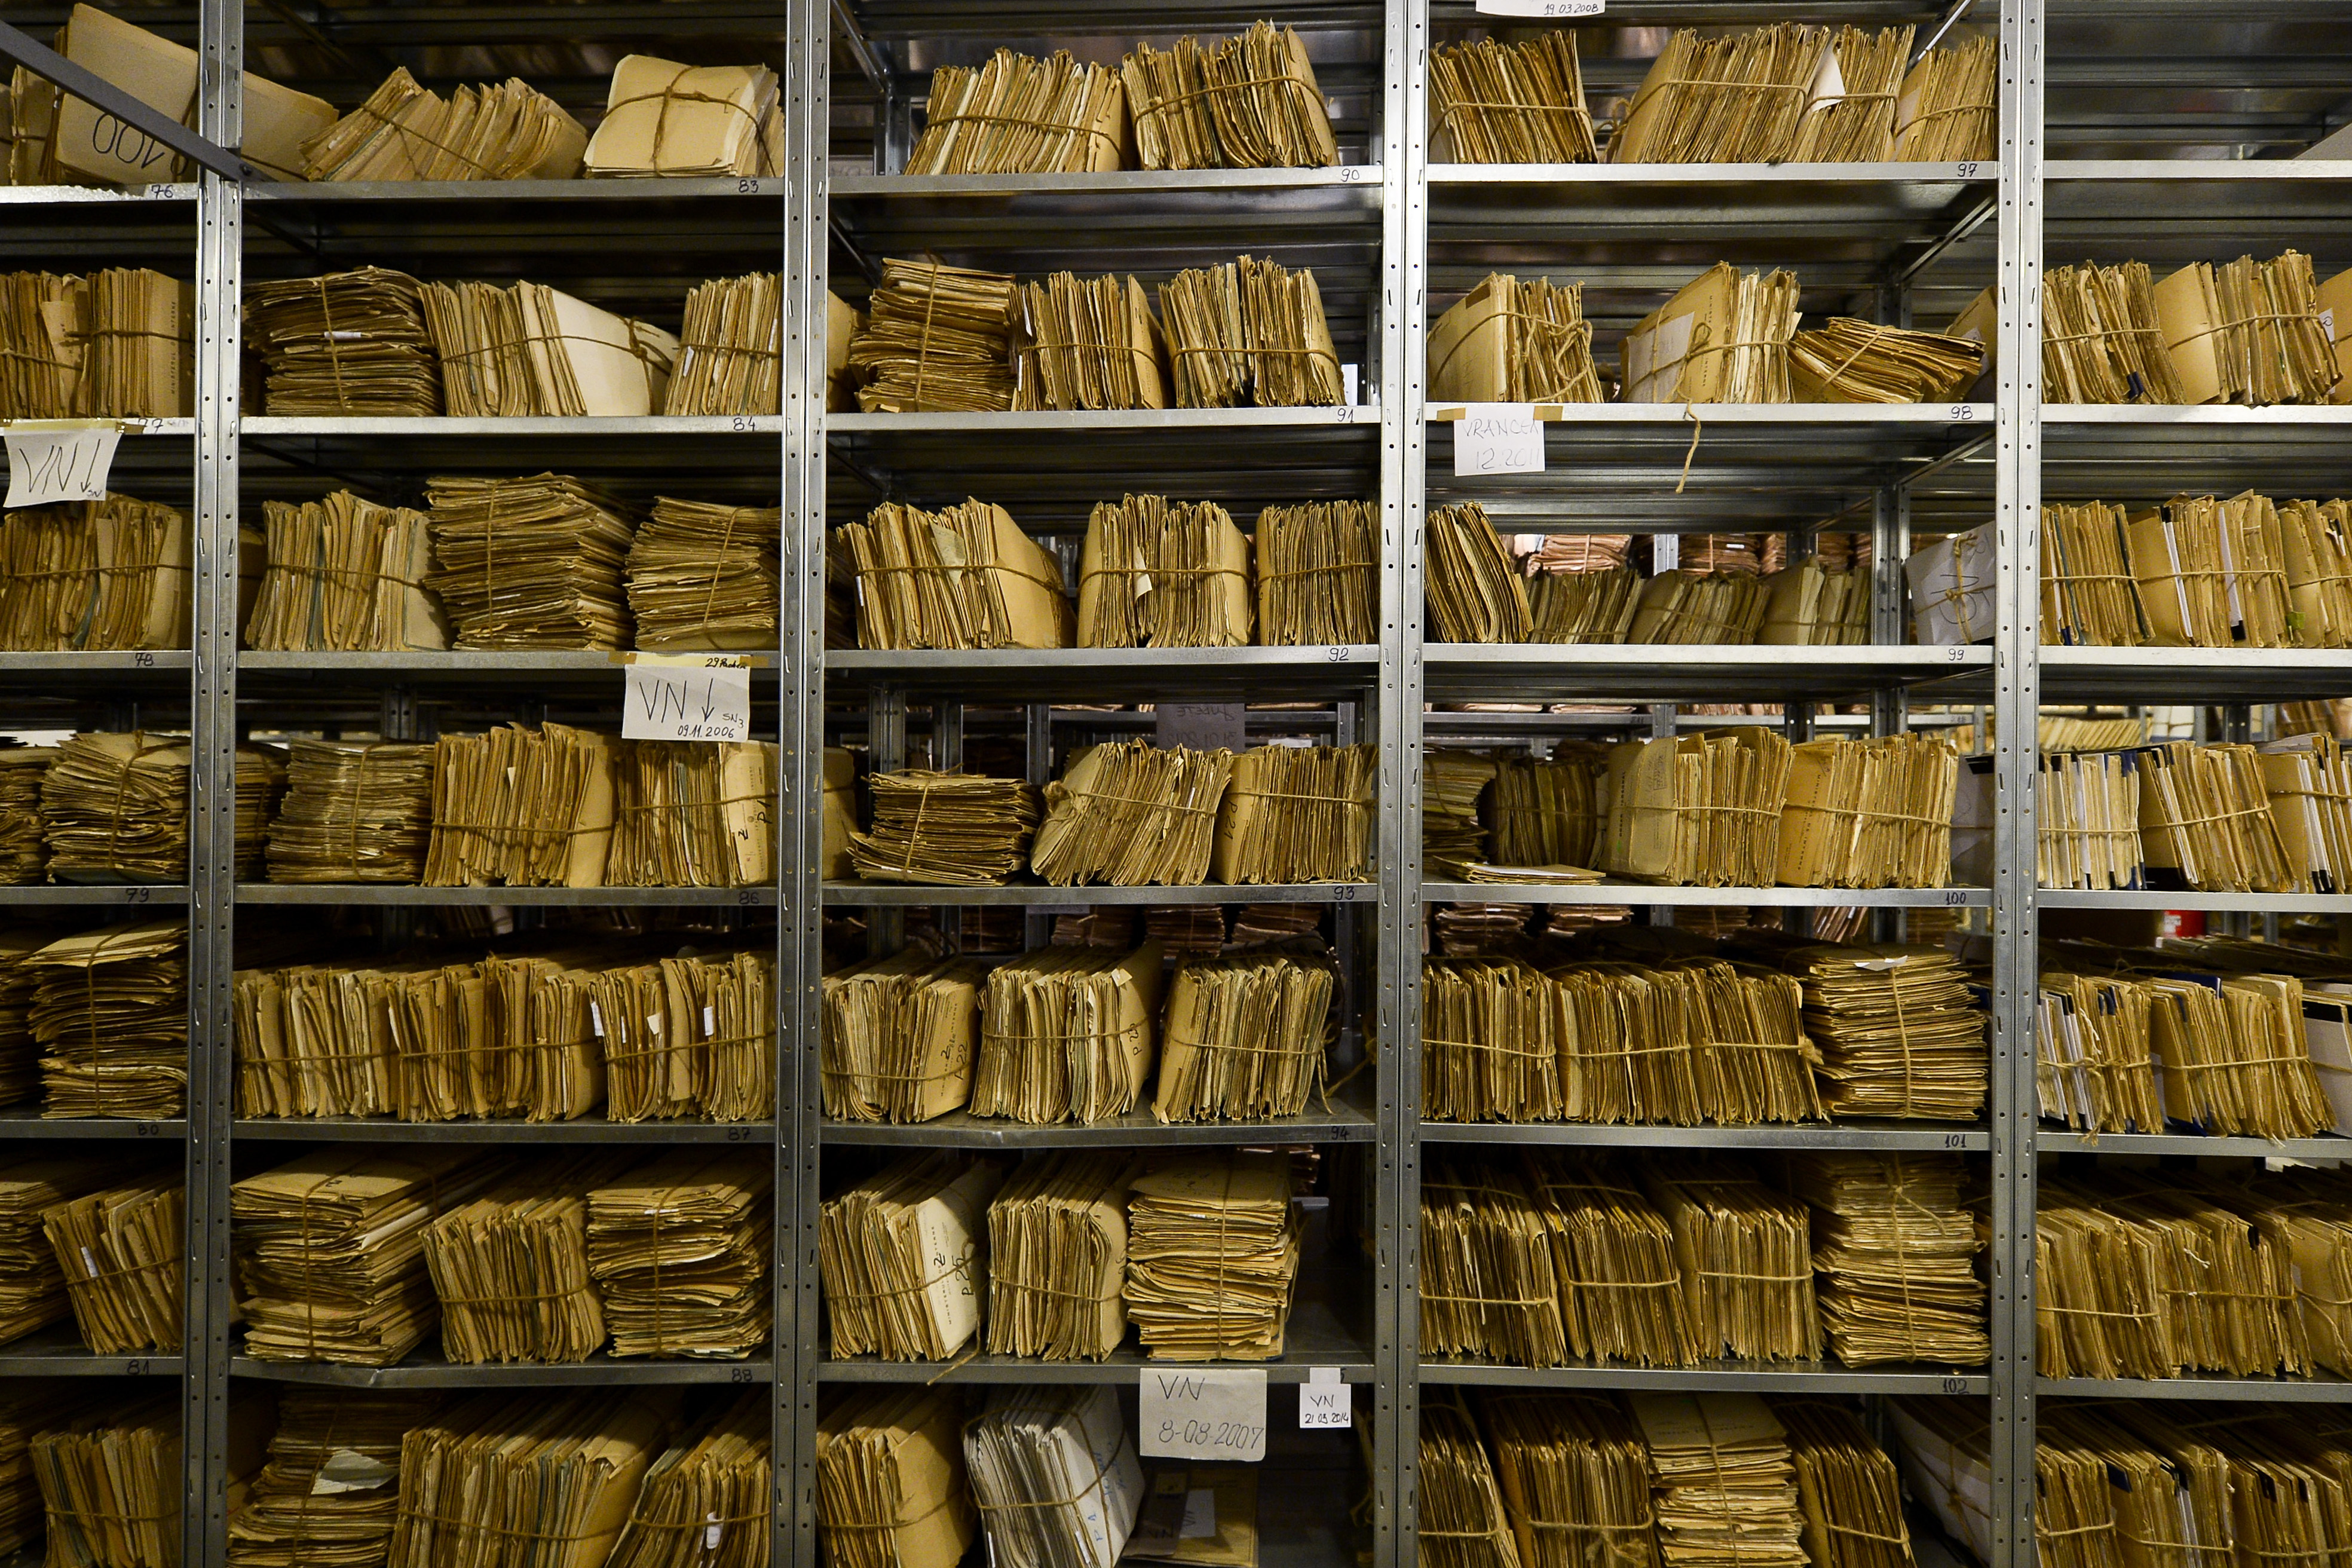 Comisia de anchetă va vizita arhiva SIPA pe 26 octombrie